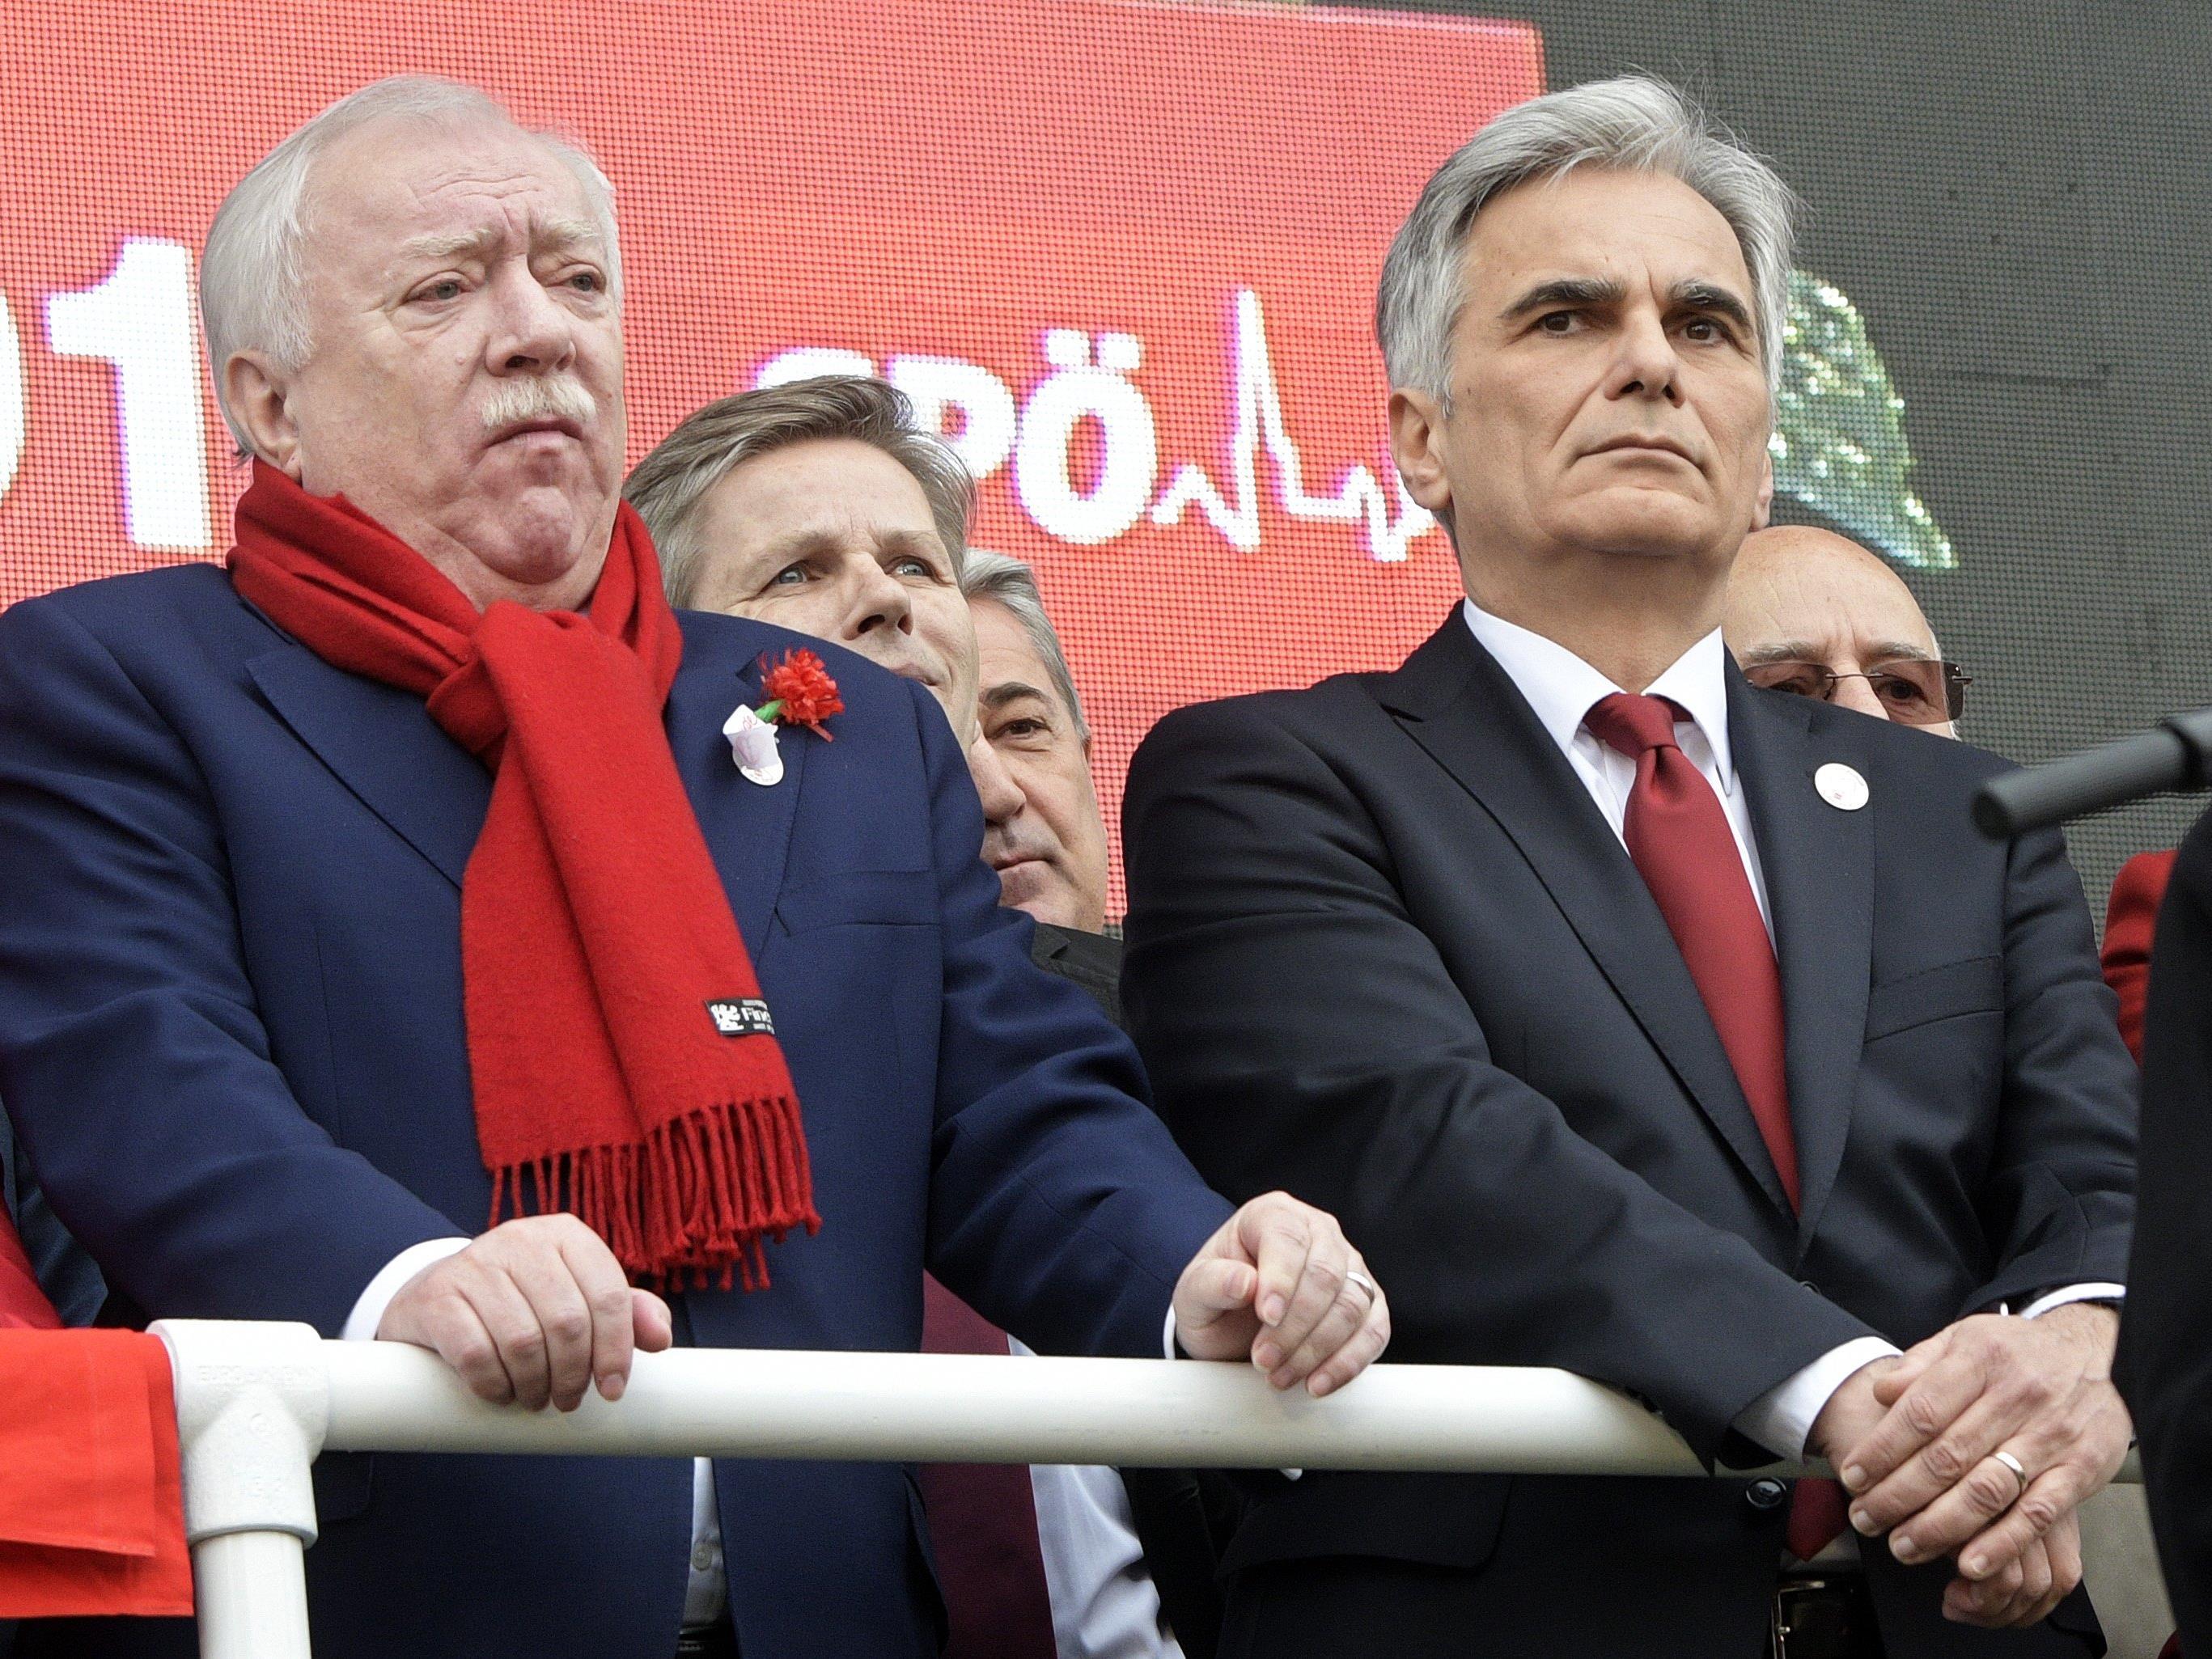 Wiener Bürgermeister Michael Häupl und Bundeskanzler Werner Faymann.